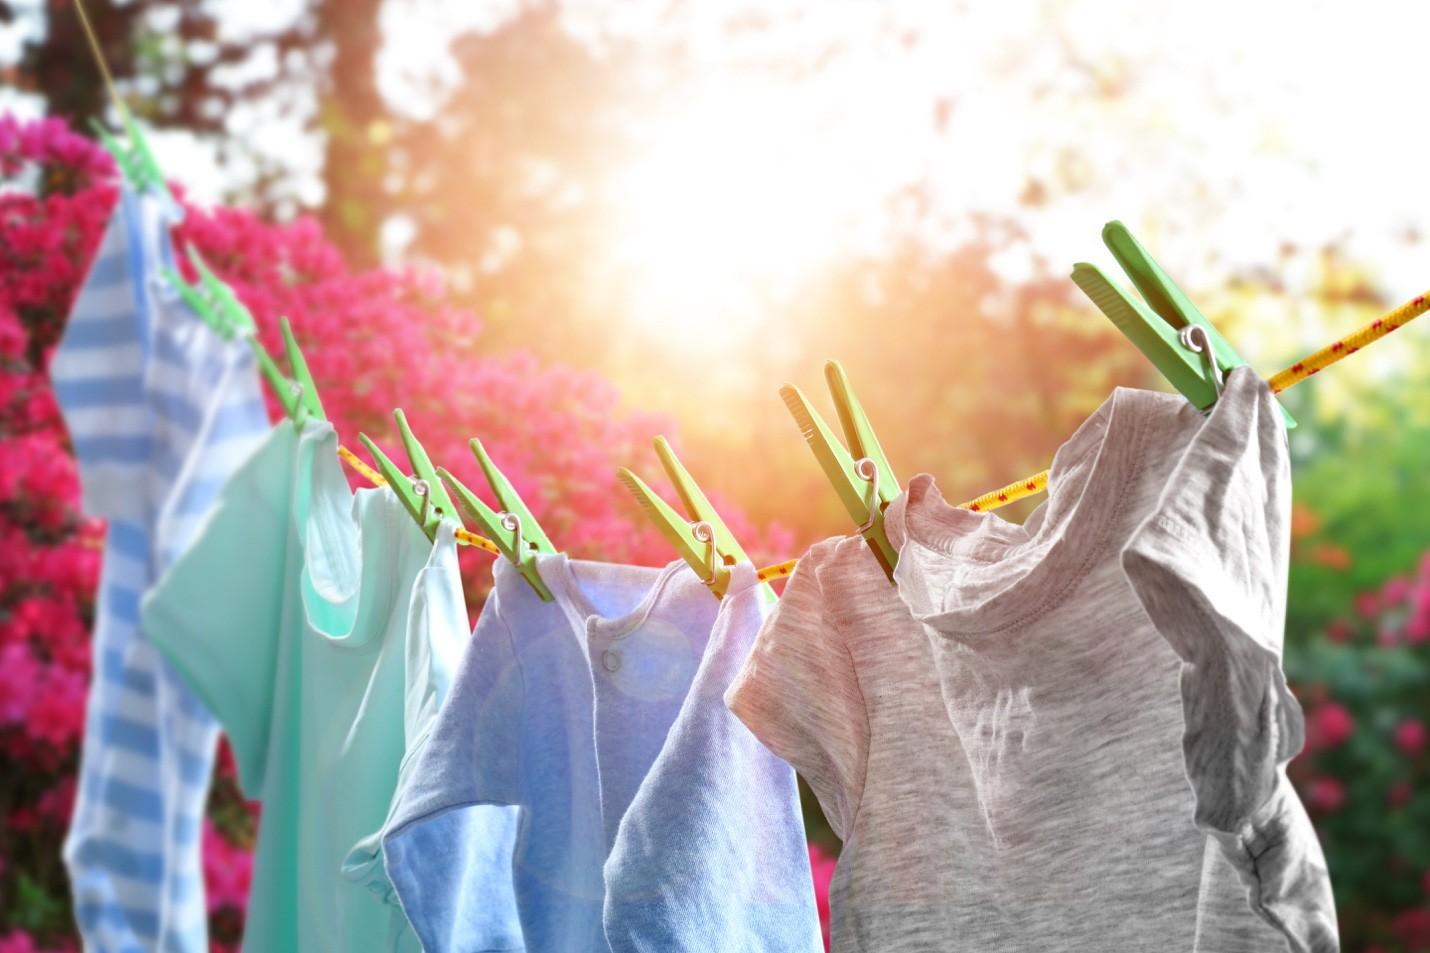 Mẹo giữ cho quần áo vẫn thơm tho, khô nhanh trong mùa mưa - Ảnh 2.